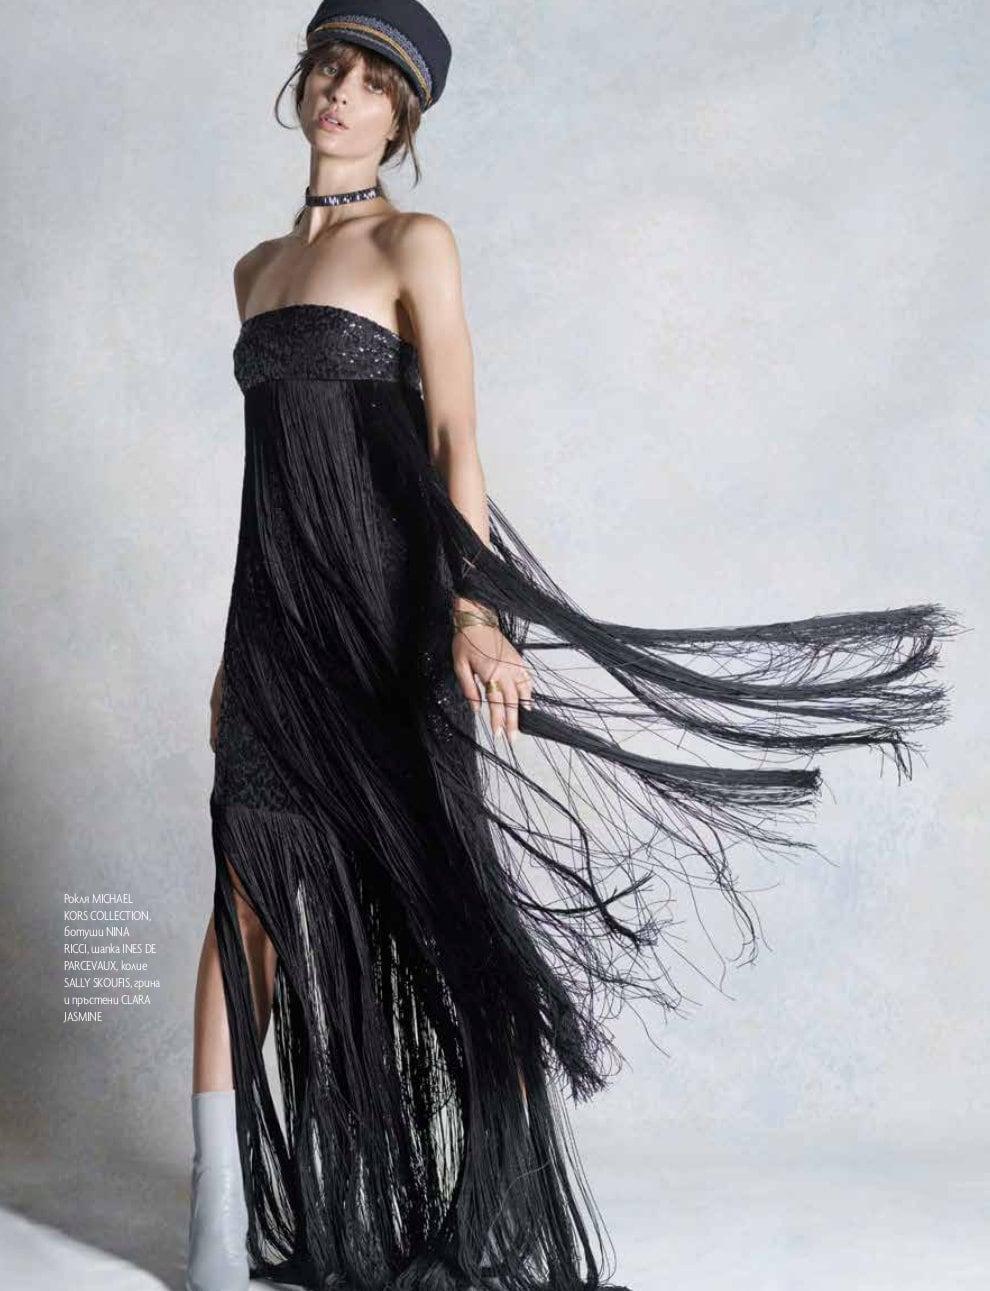 Elle Bulgaria Anne Zesiger Elika Bavar Hair Styling 4